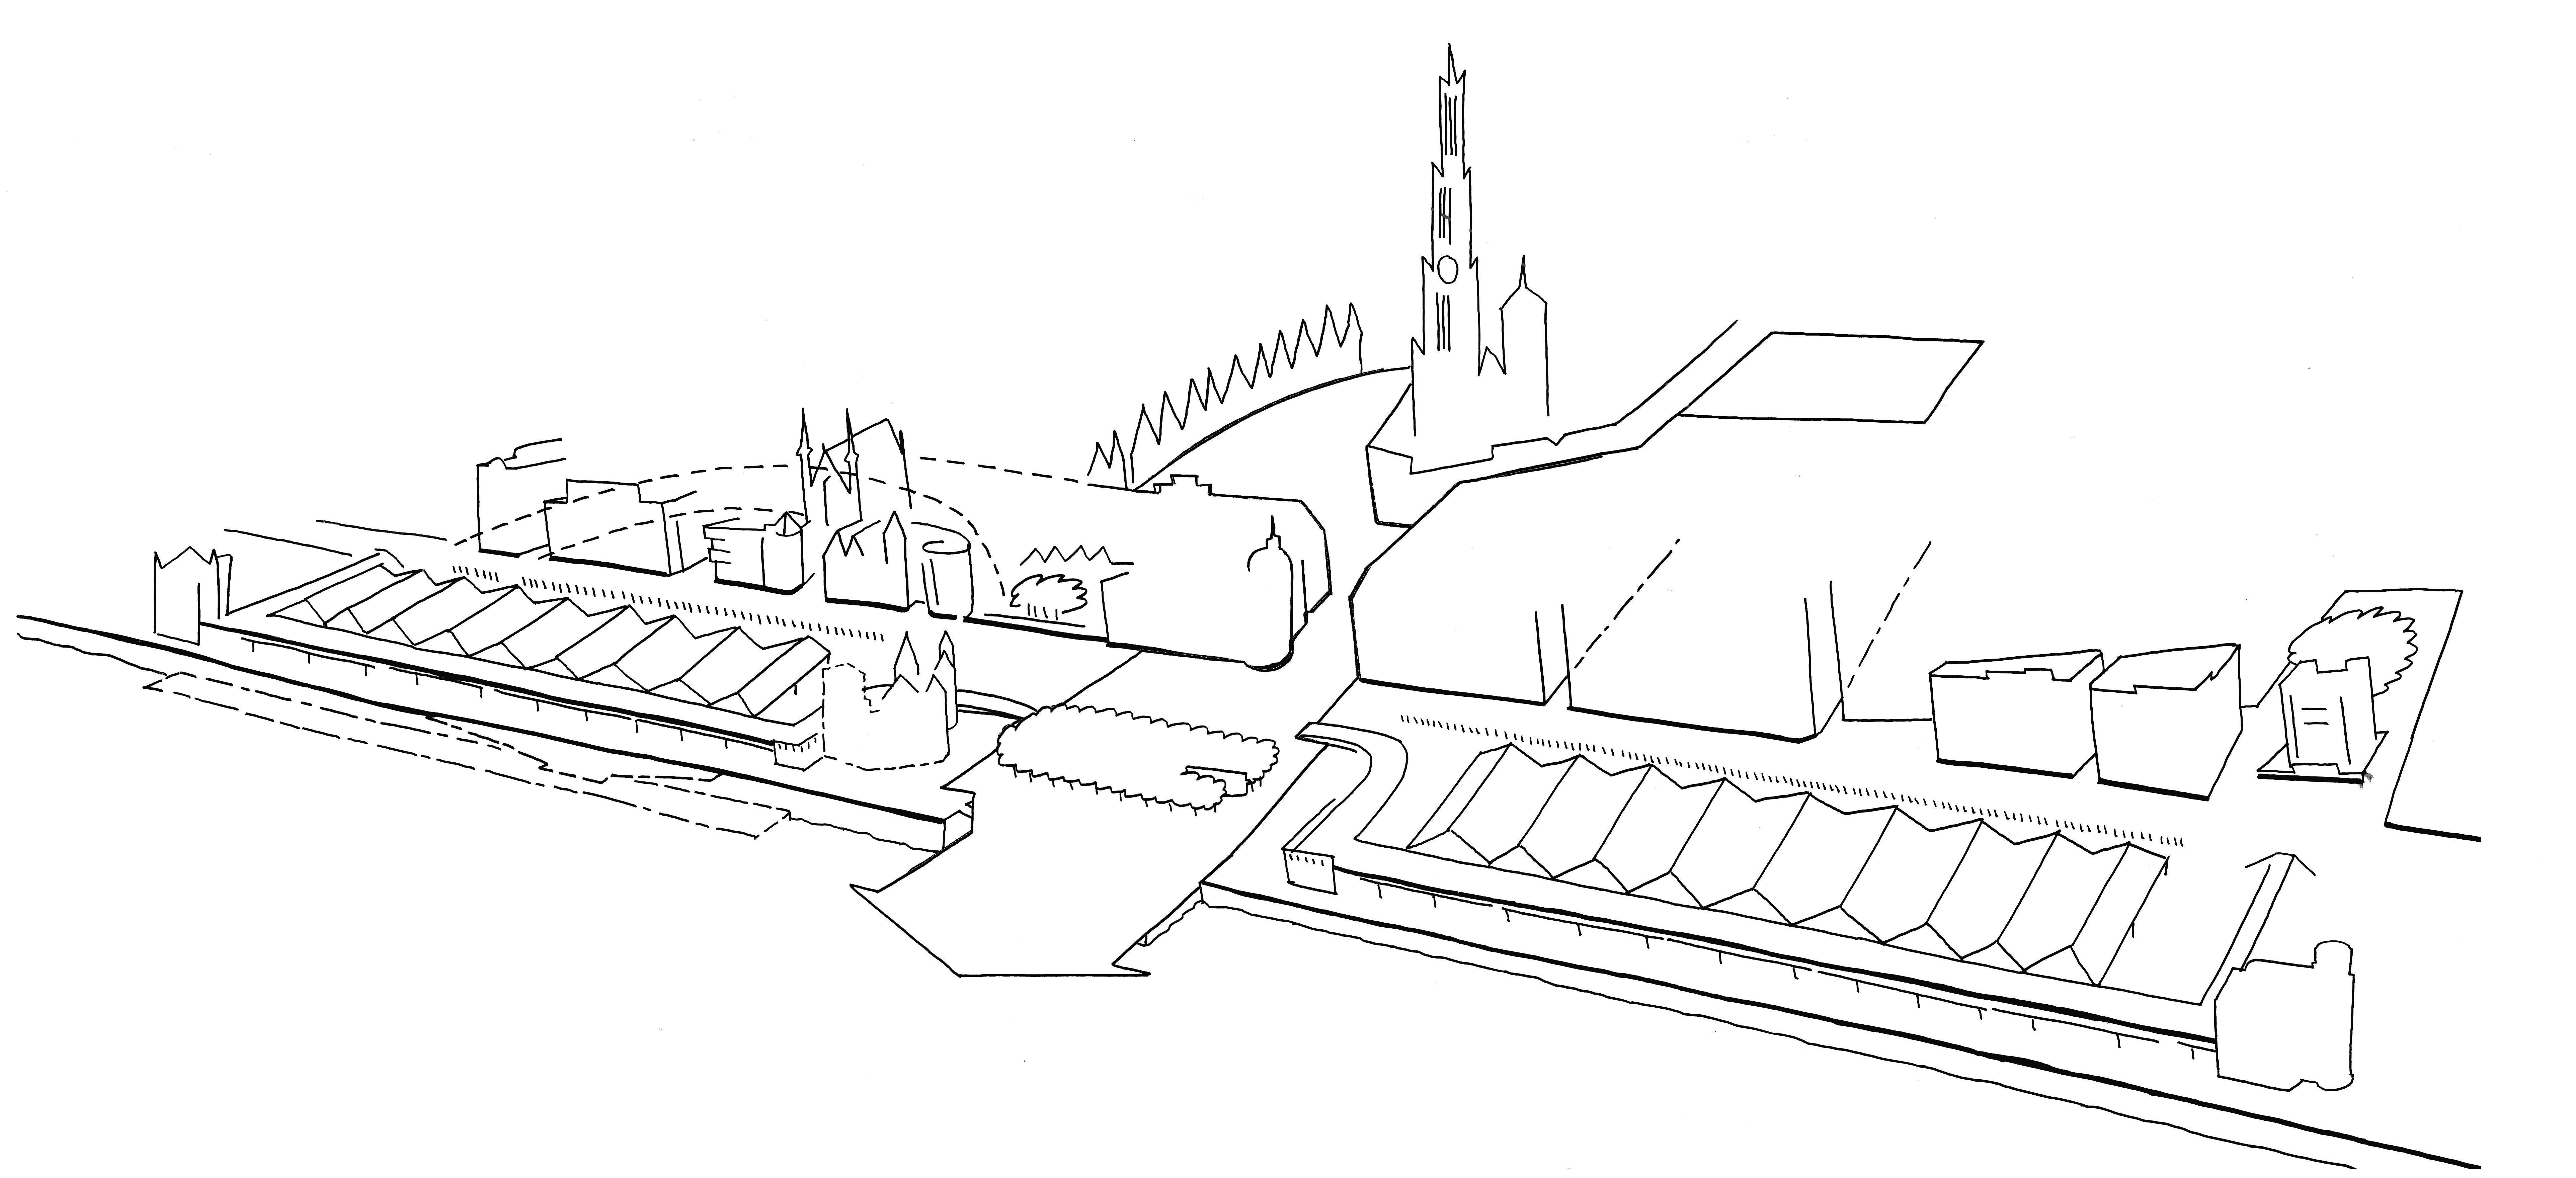 Illustratie centraal deel Scheldekaaien